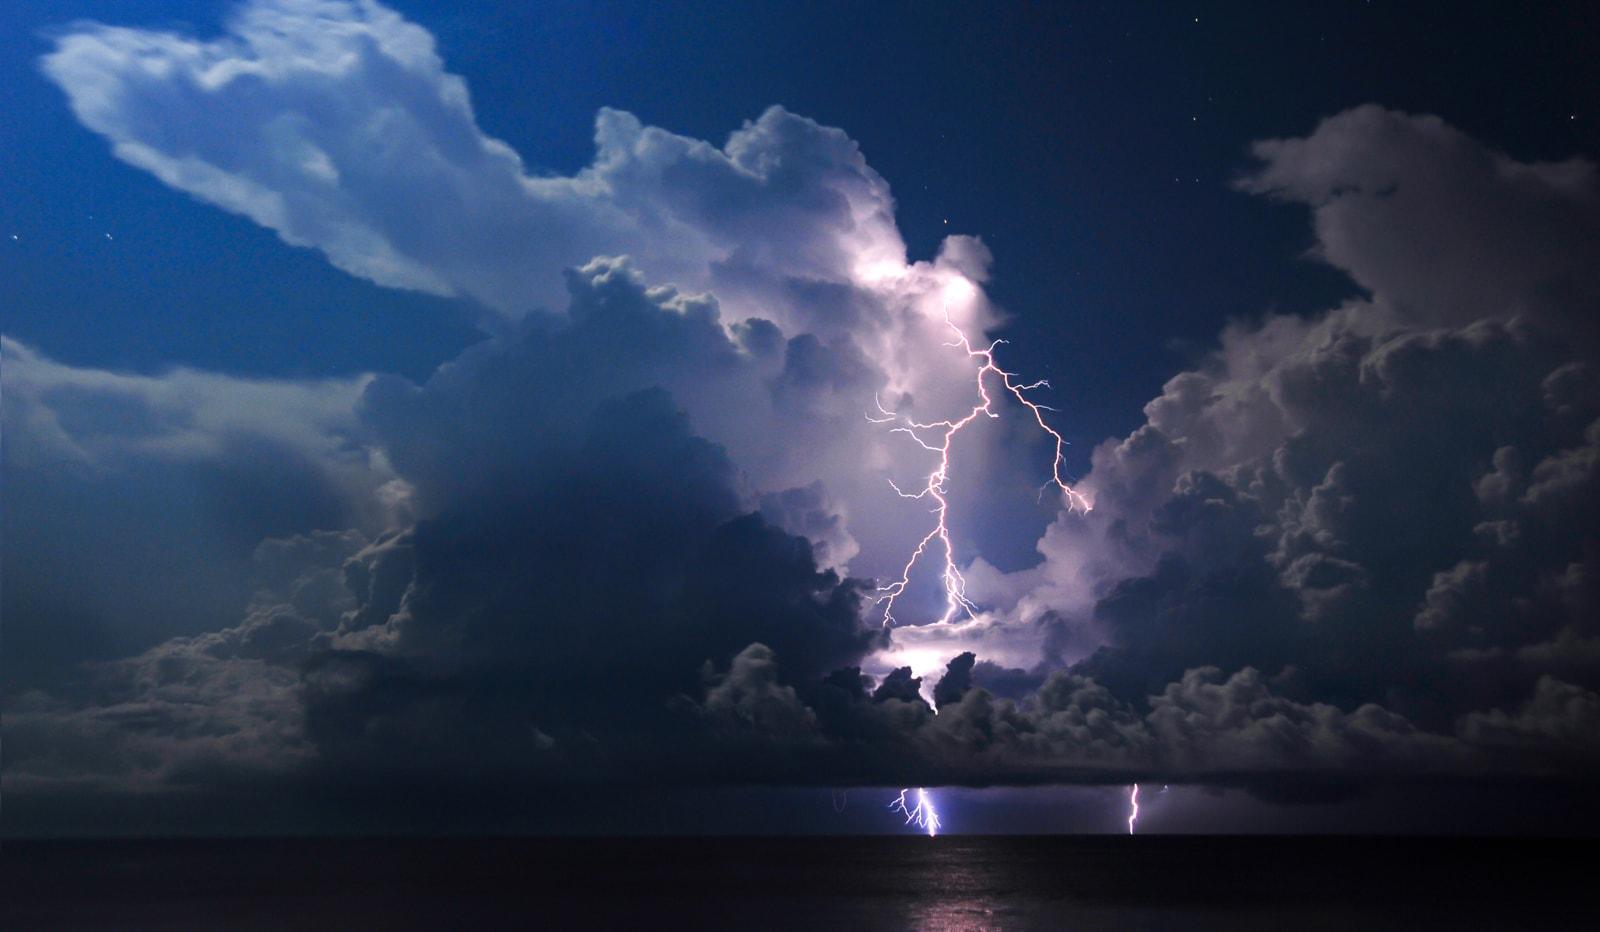 fotografía de un rayo entre nubes